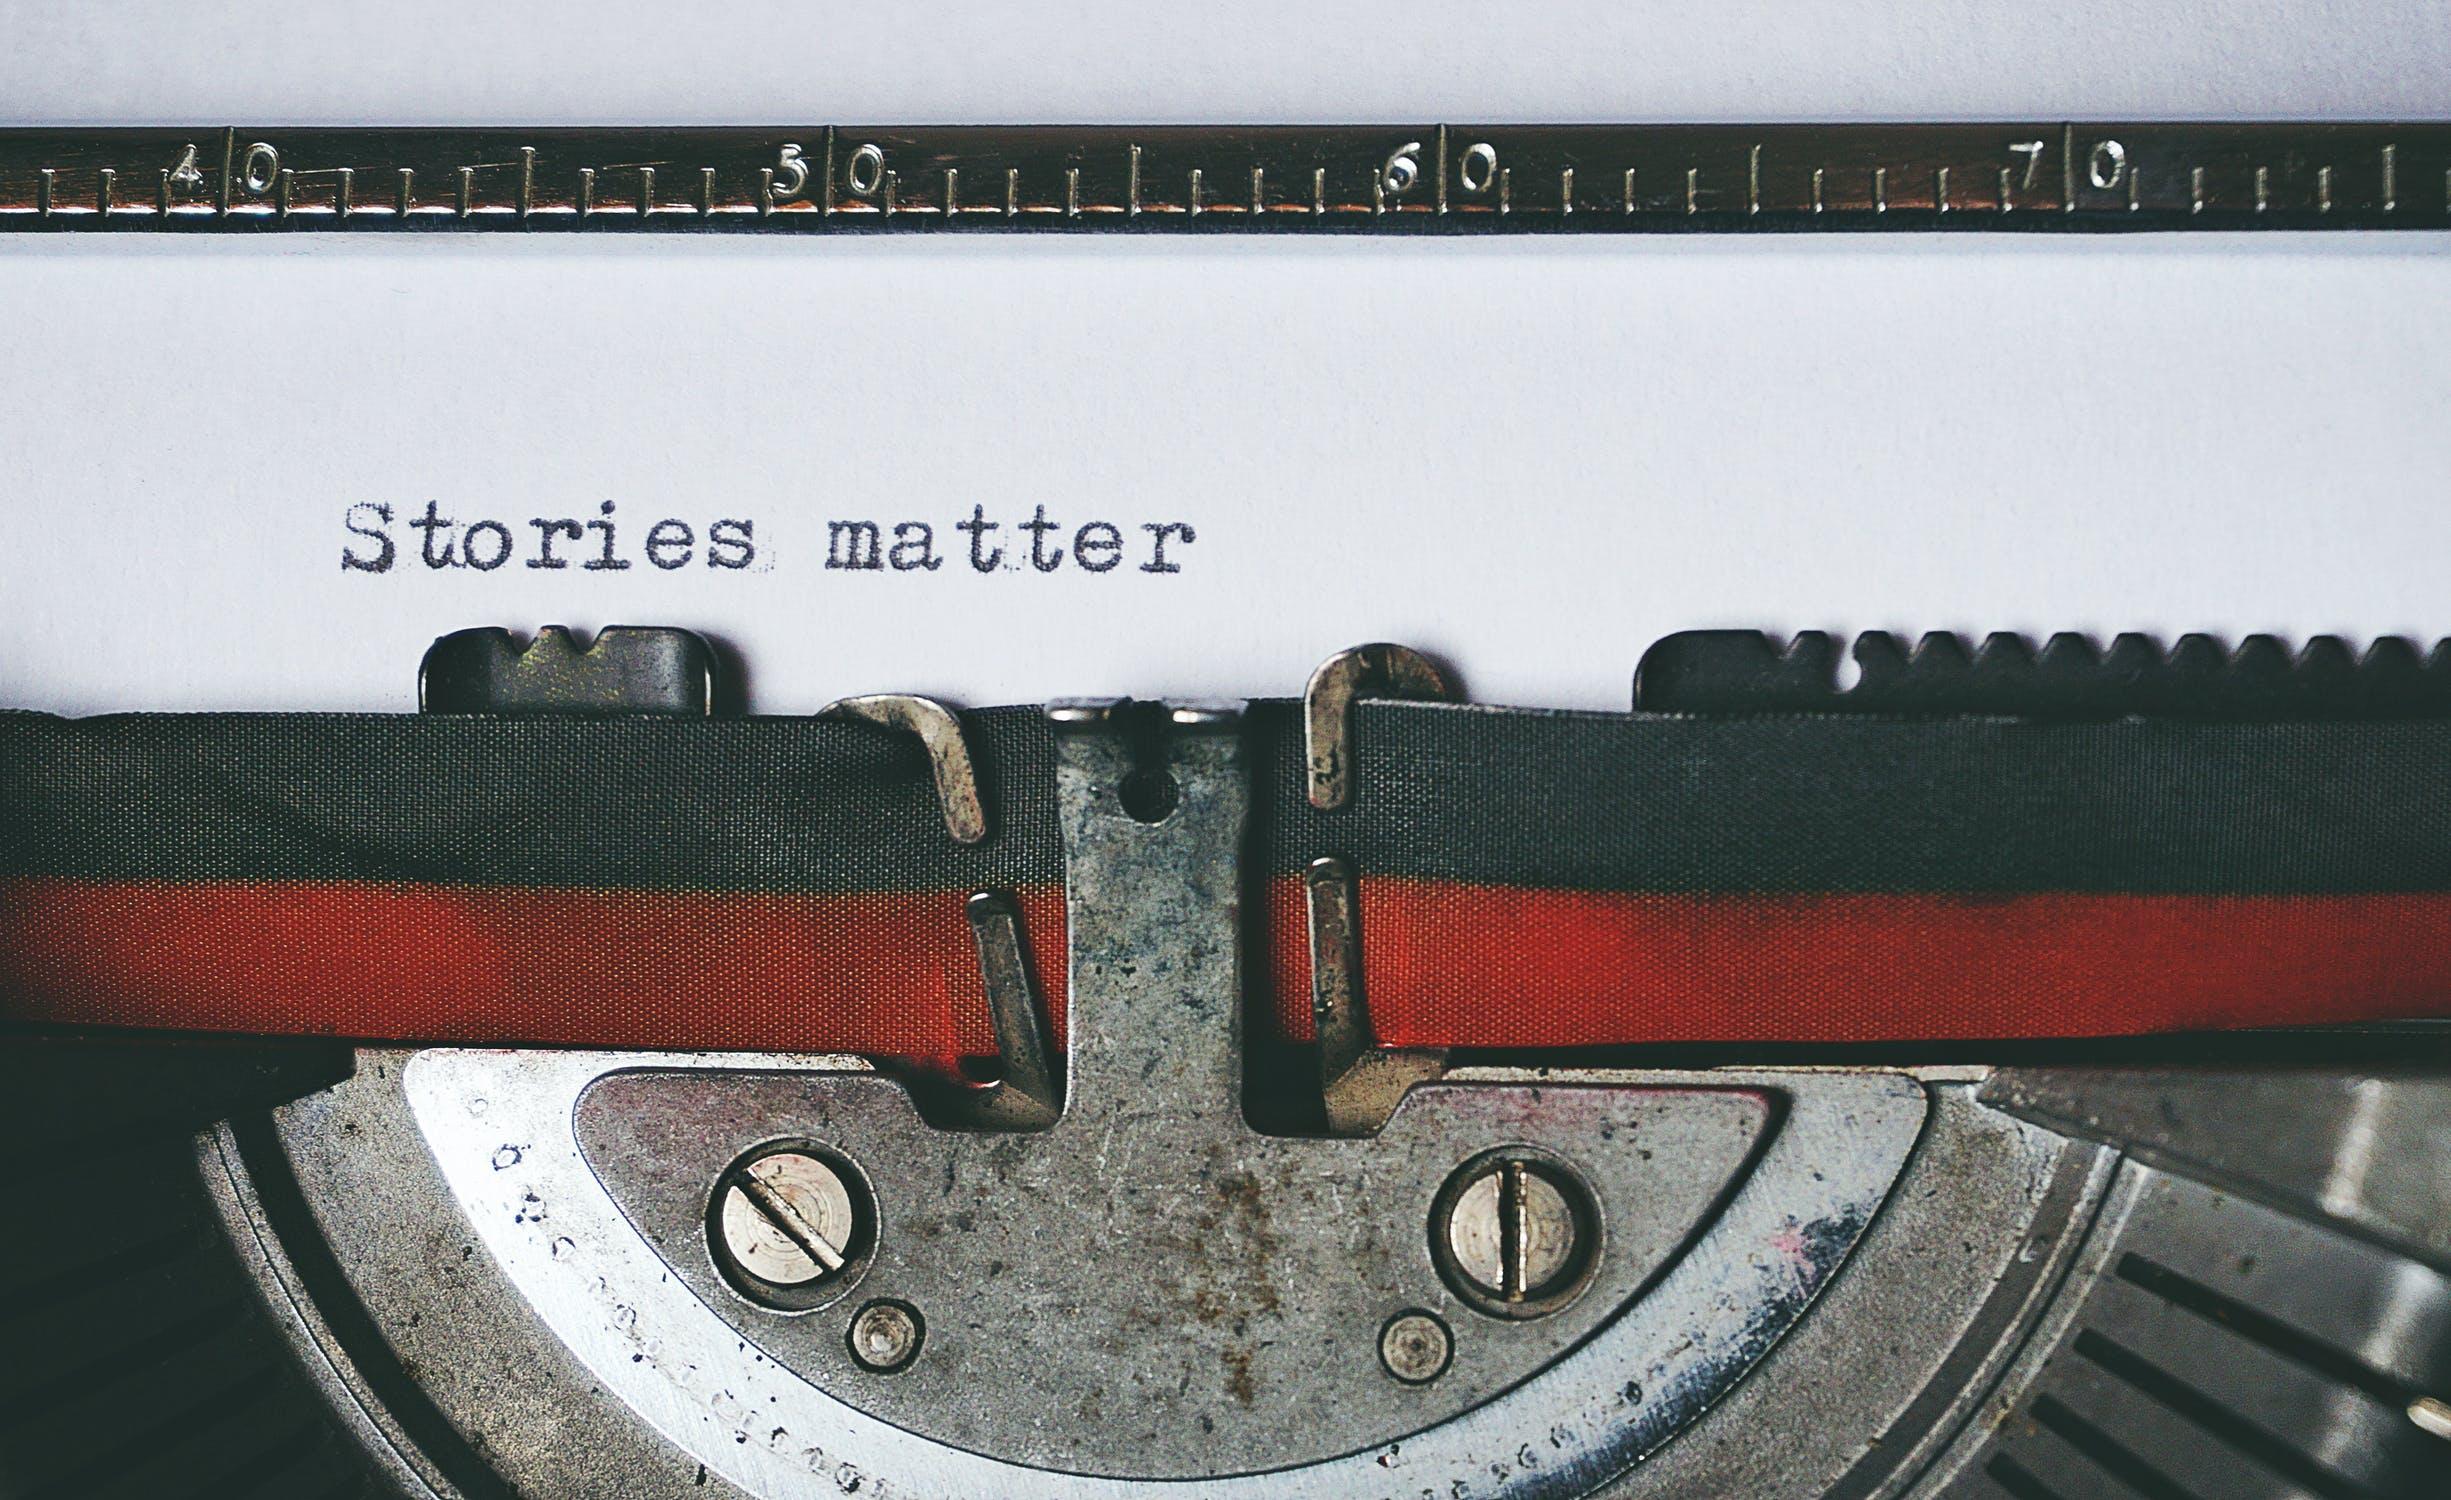 Stories_Matter.jpeg